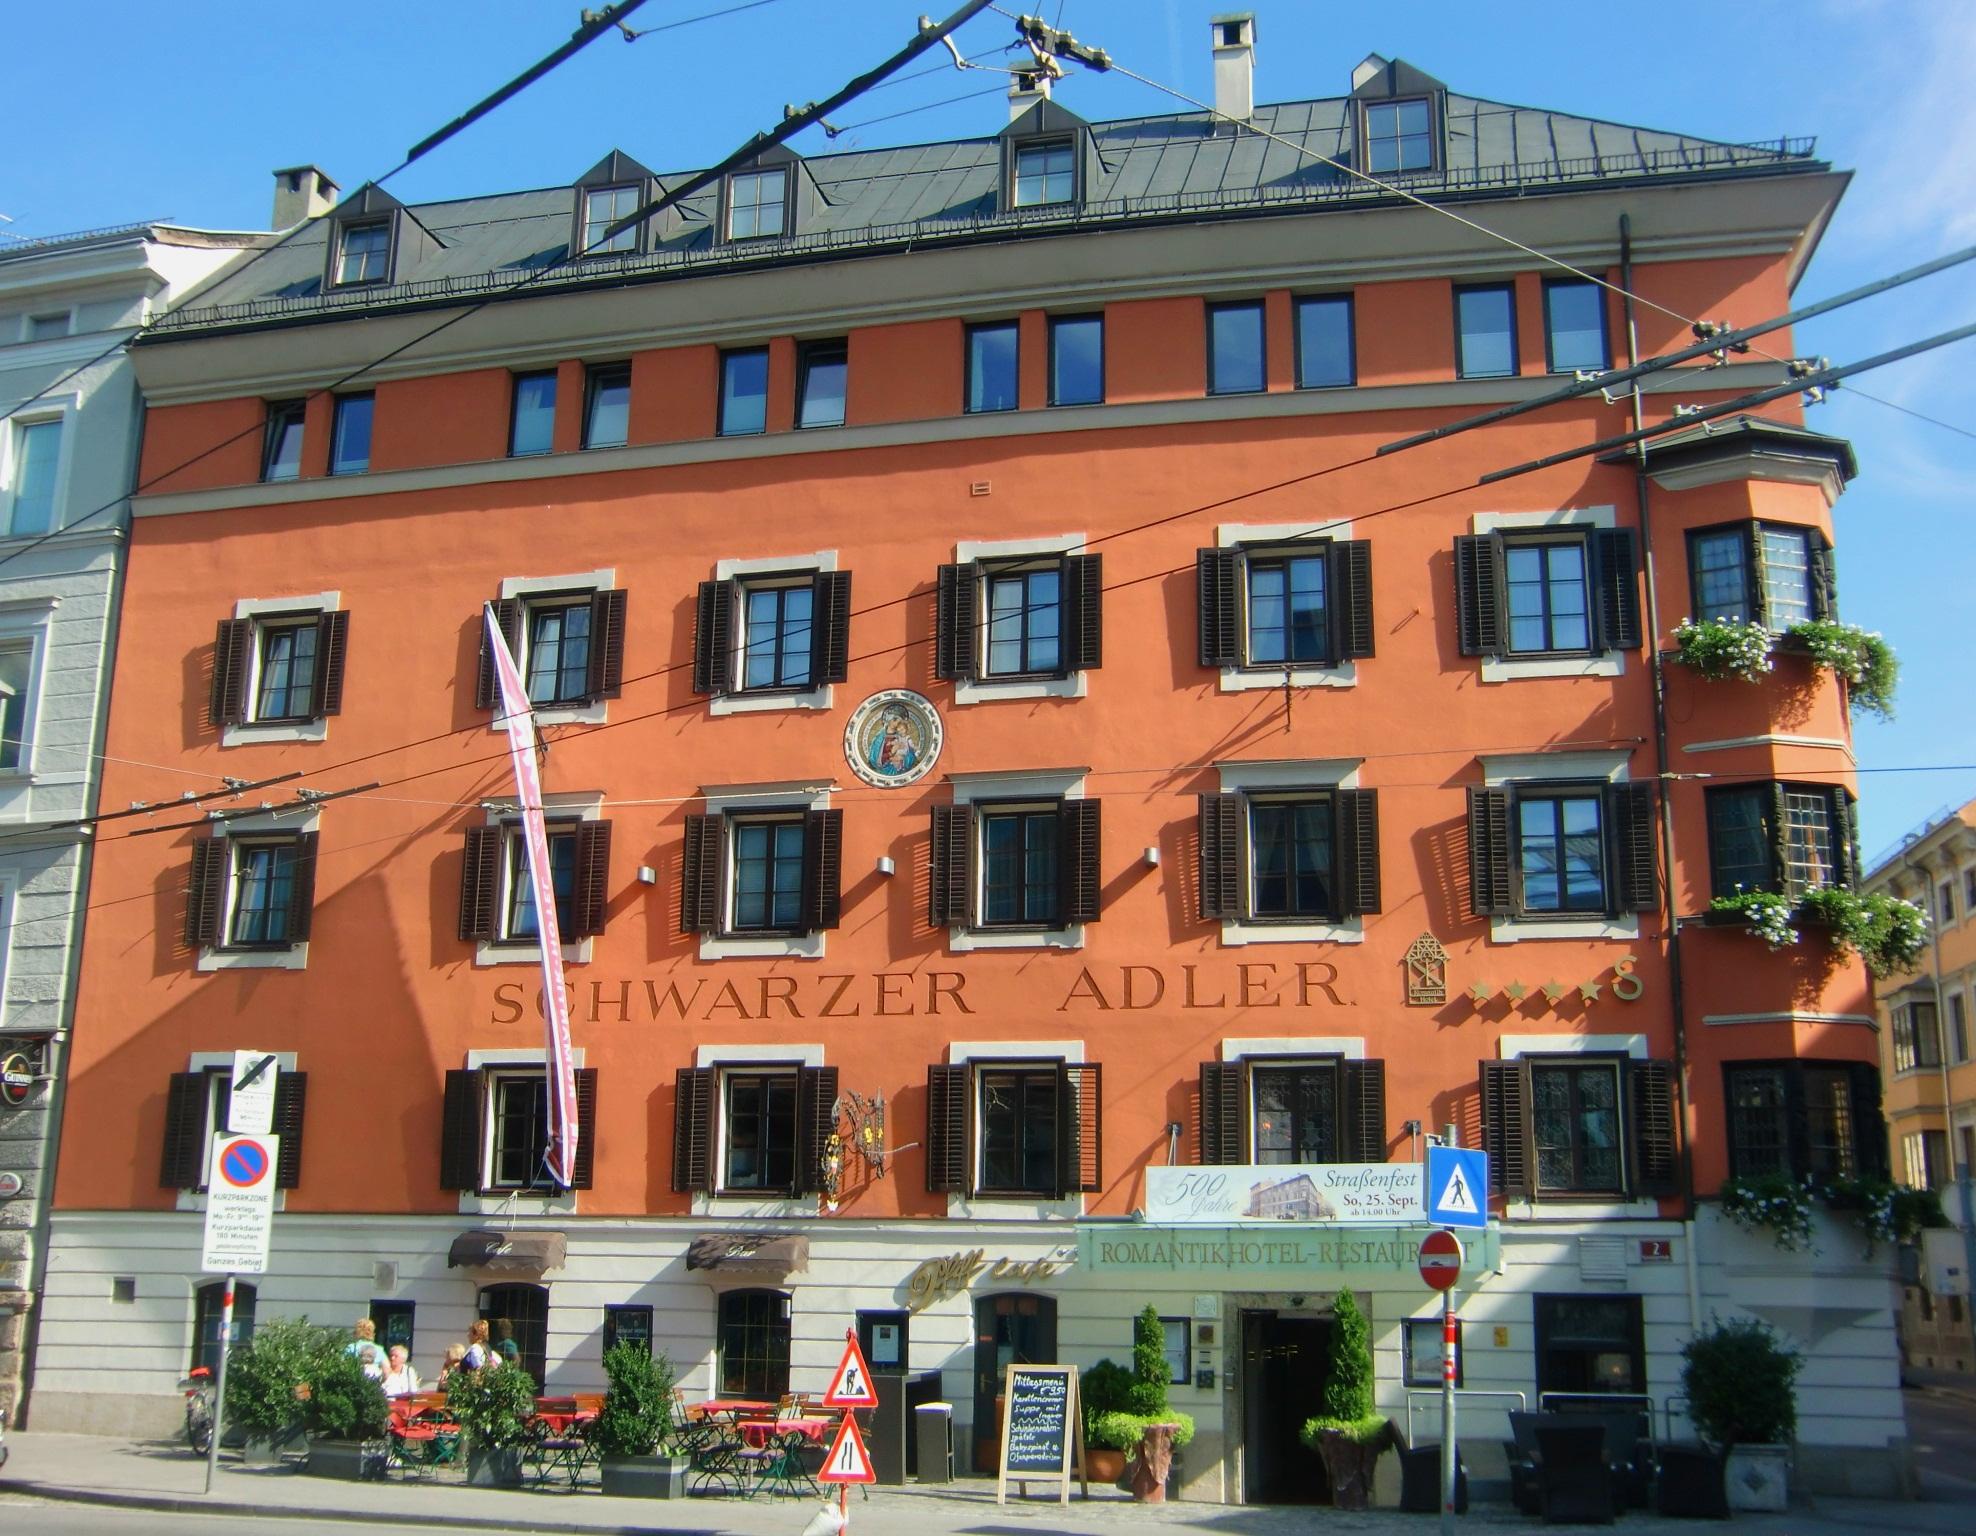 File:Innsbruck Schwarzer Adler.jpg - Wikimedia Commons